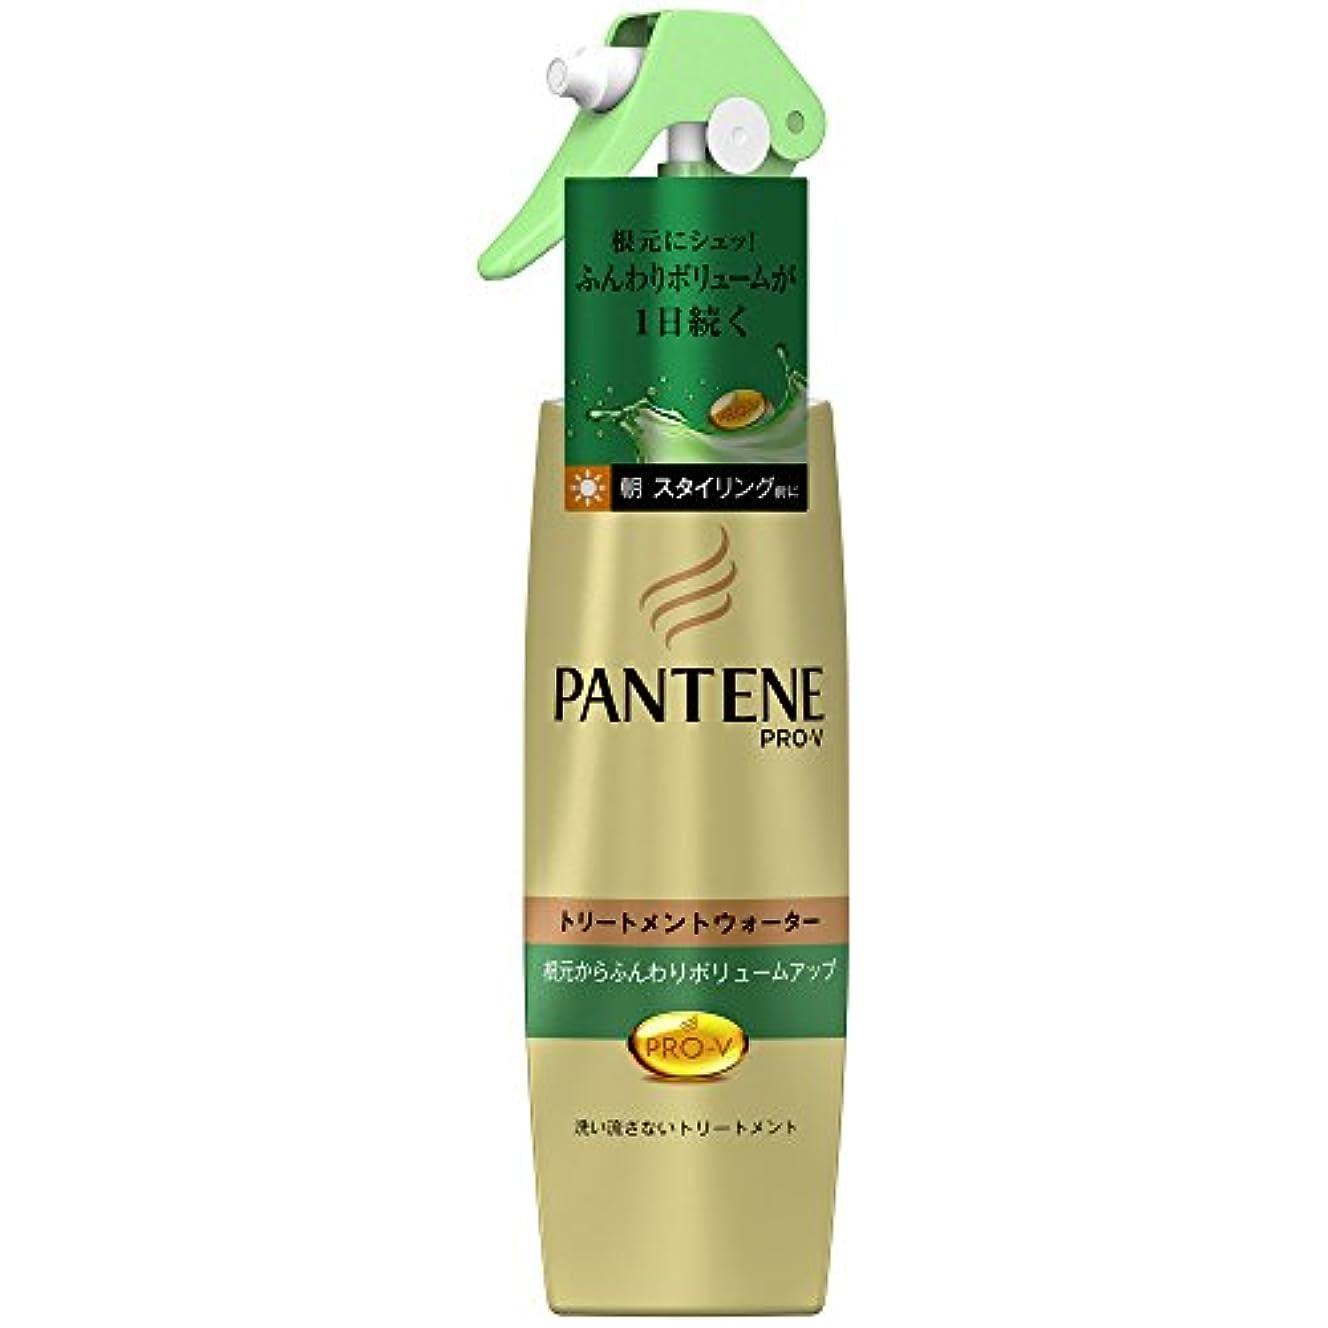 尾オーナメント贅沢パンテーン 洗い流さないトリートメント トリートメントウォーター ボリュームのない髪用 200ml